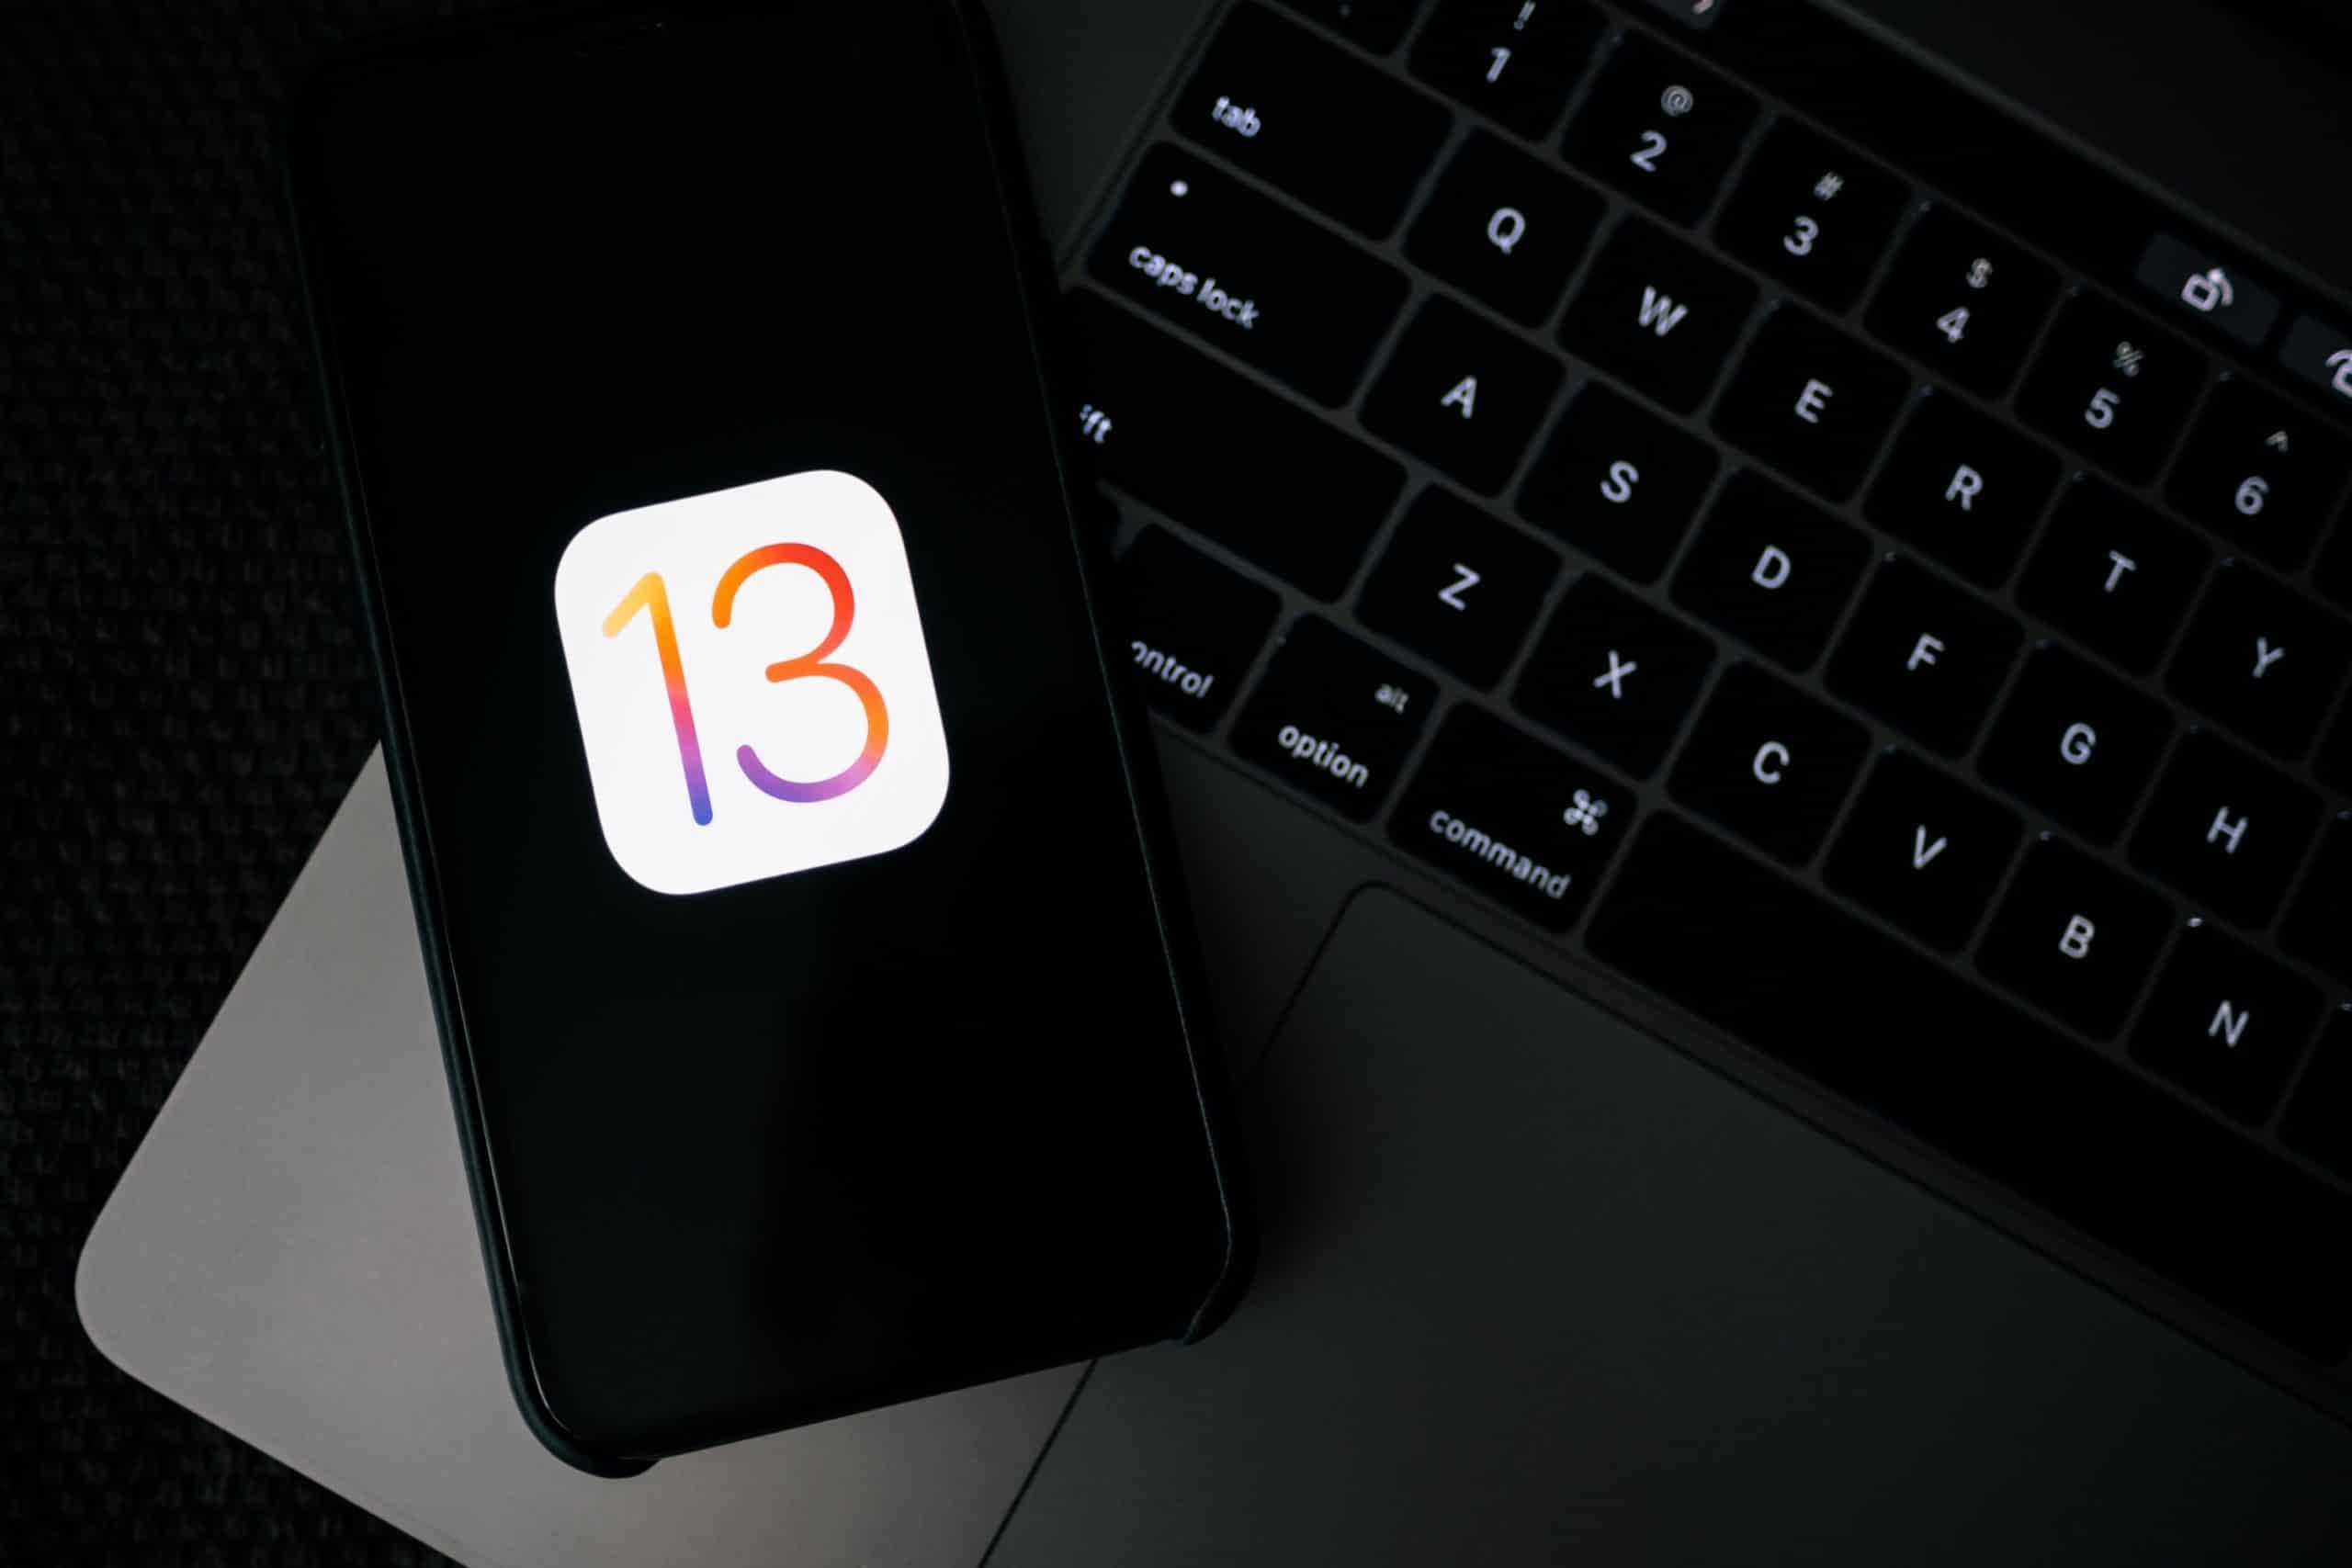 """Apple vabastab iOS 13.5.1 ja iPadOS 13.5.1 koos """"oluliste turvavärskendustega"""" [atualizado 4x: watchOS 6.2.6, tvOS 13.4.6 e update para o macOS Catalina 10.15.5]"""